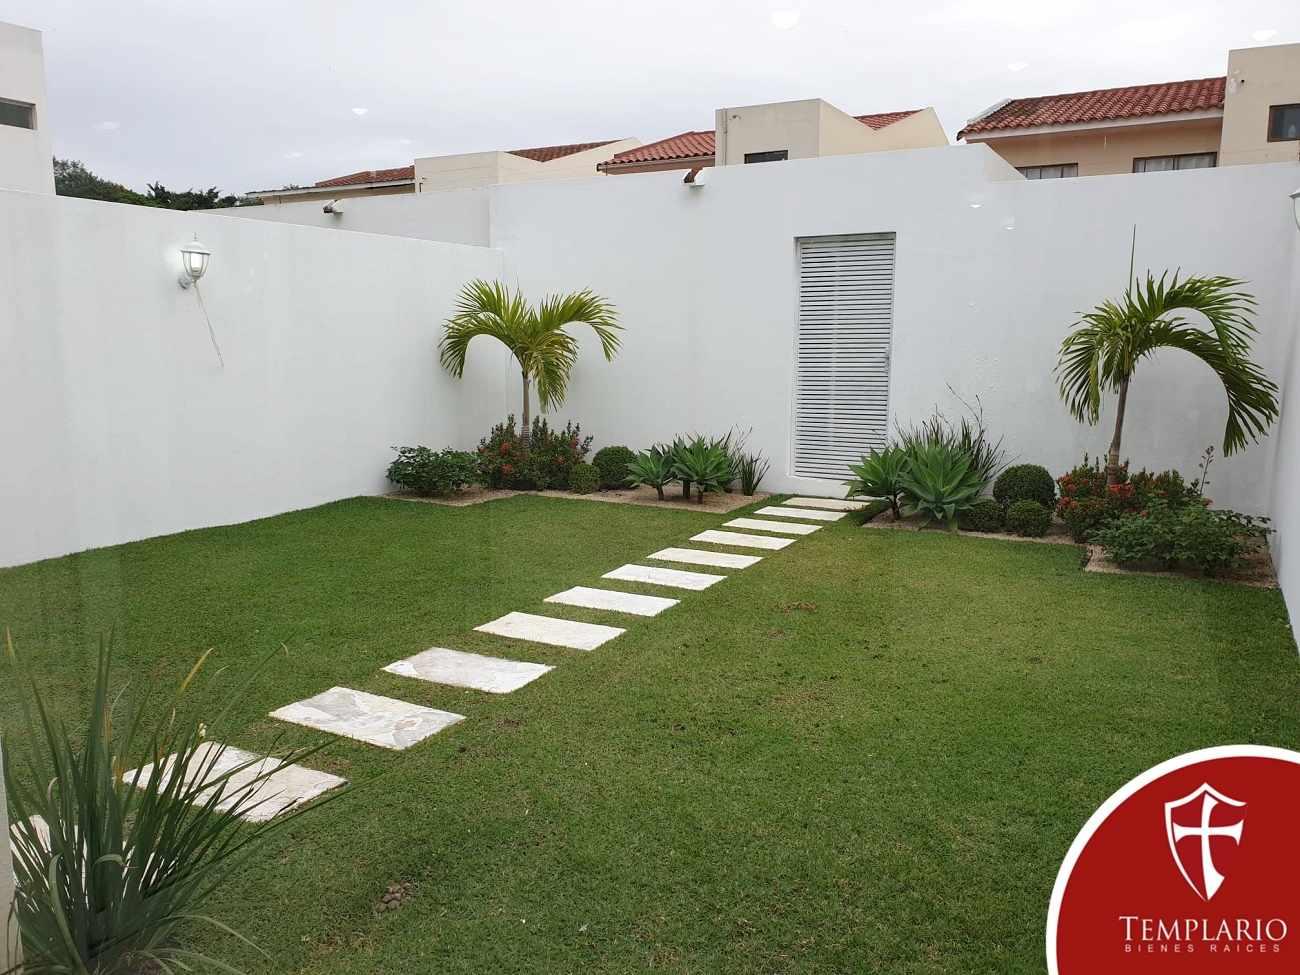 Casa en Alquiler Av. Pirai 6to anillo - Condominio Cavyar - Zona Oeste Foto 20